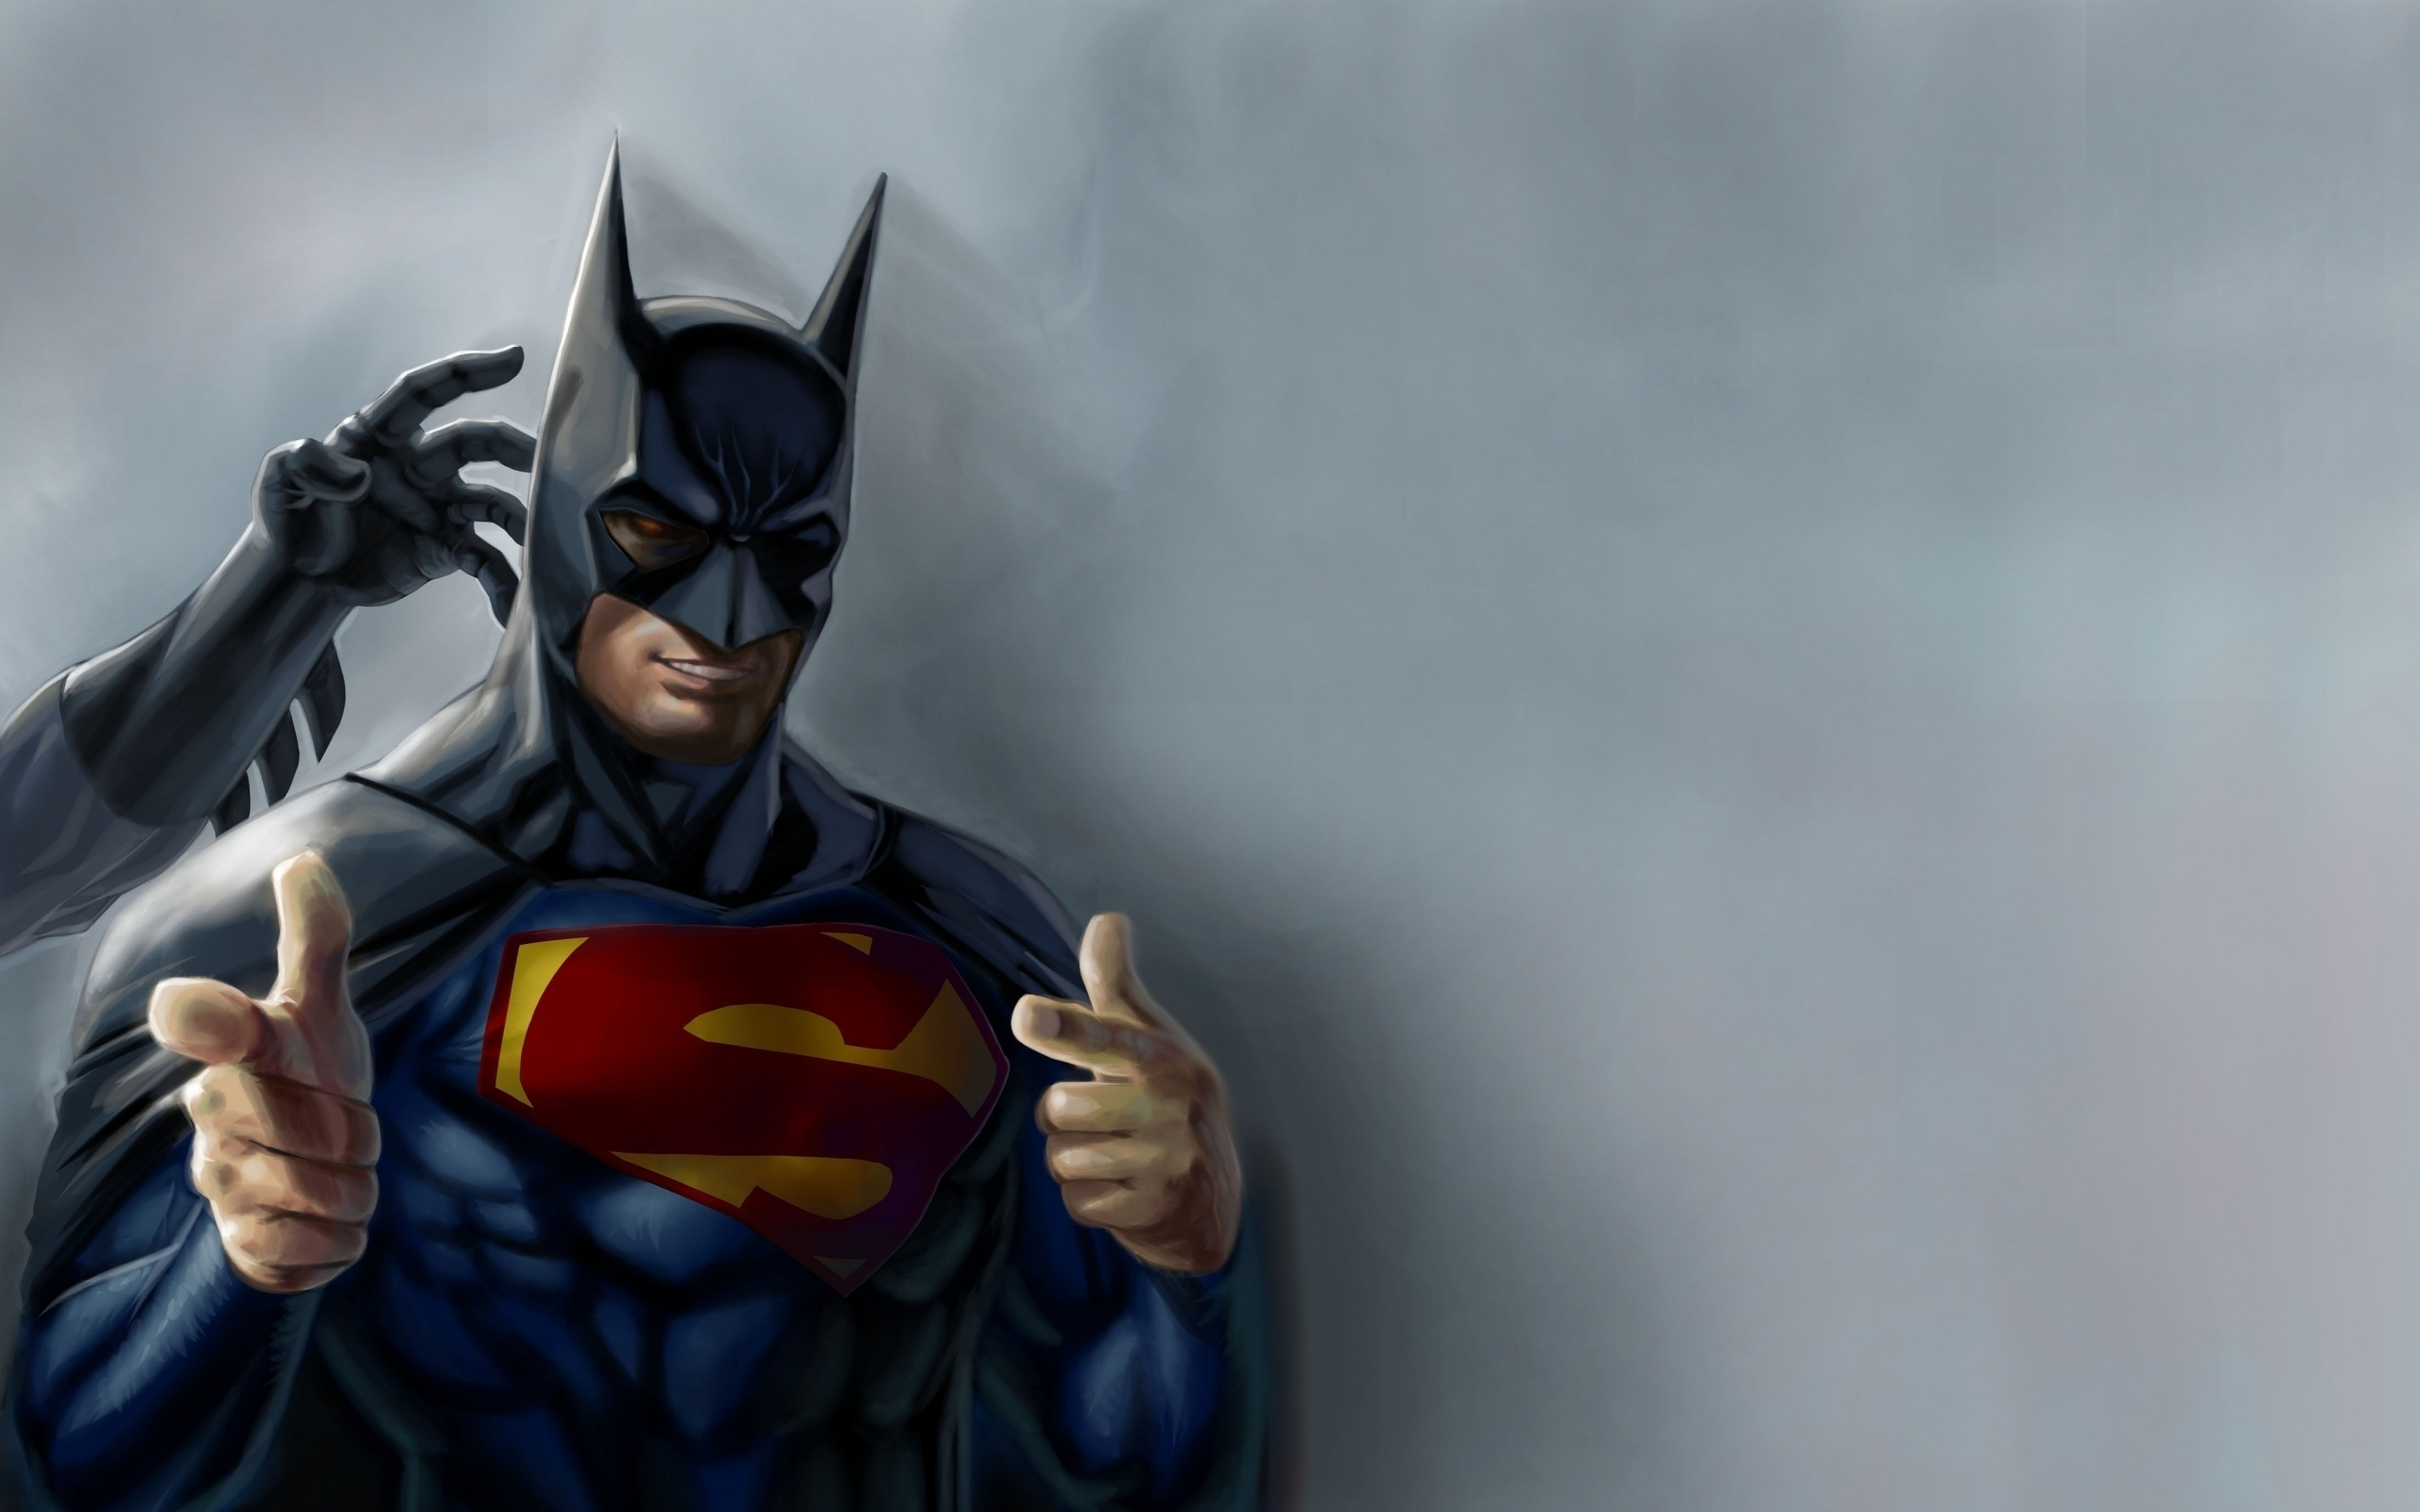 Wallpaper HD Batman and Superman   HD Wallpaper Expert 2560x1600